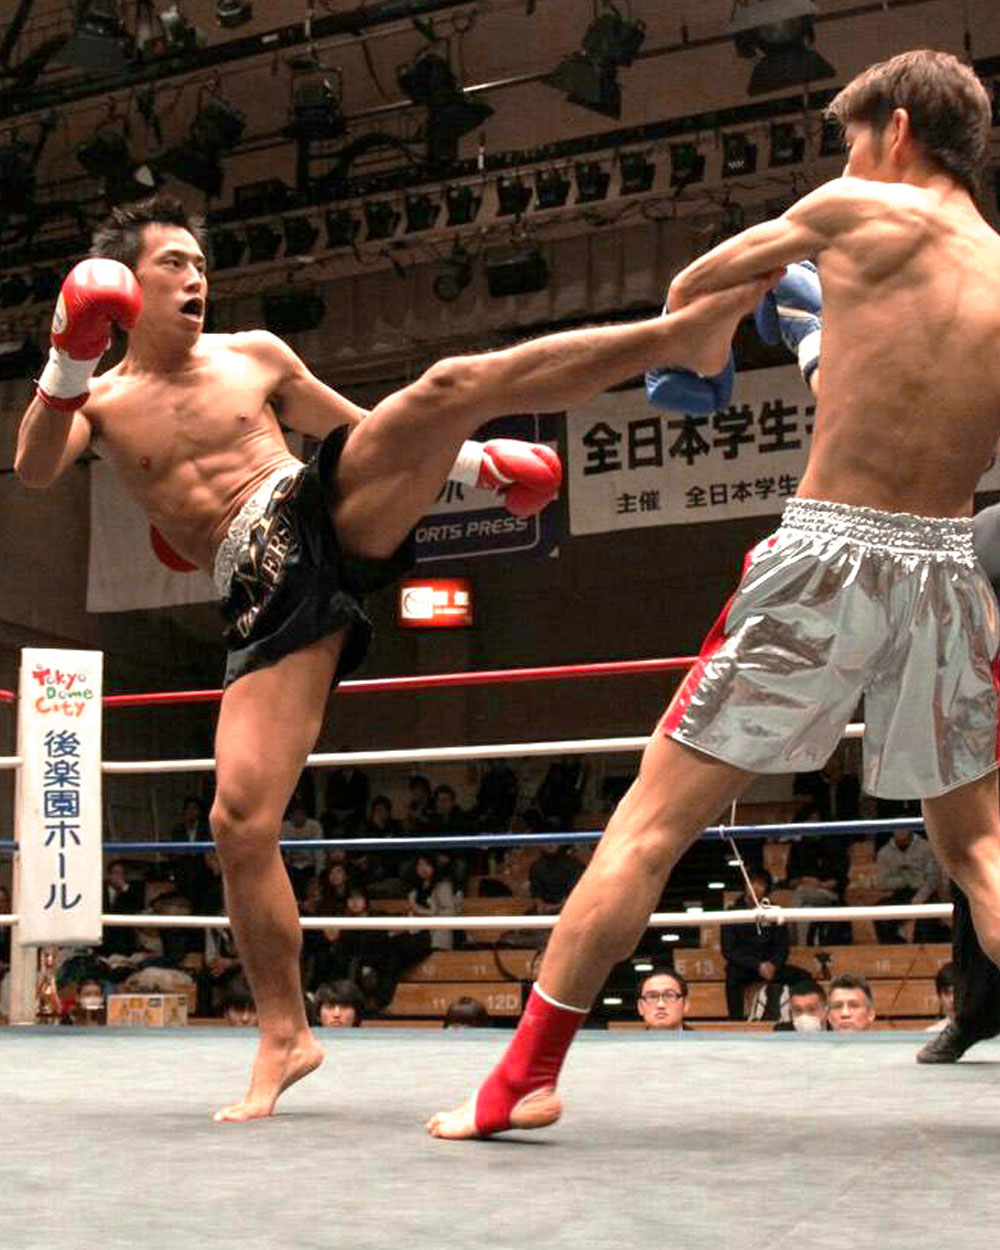 キックボクシング部背景写真 基本情報部会名キックボクシング部創部年 キックボクシング部